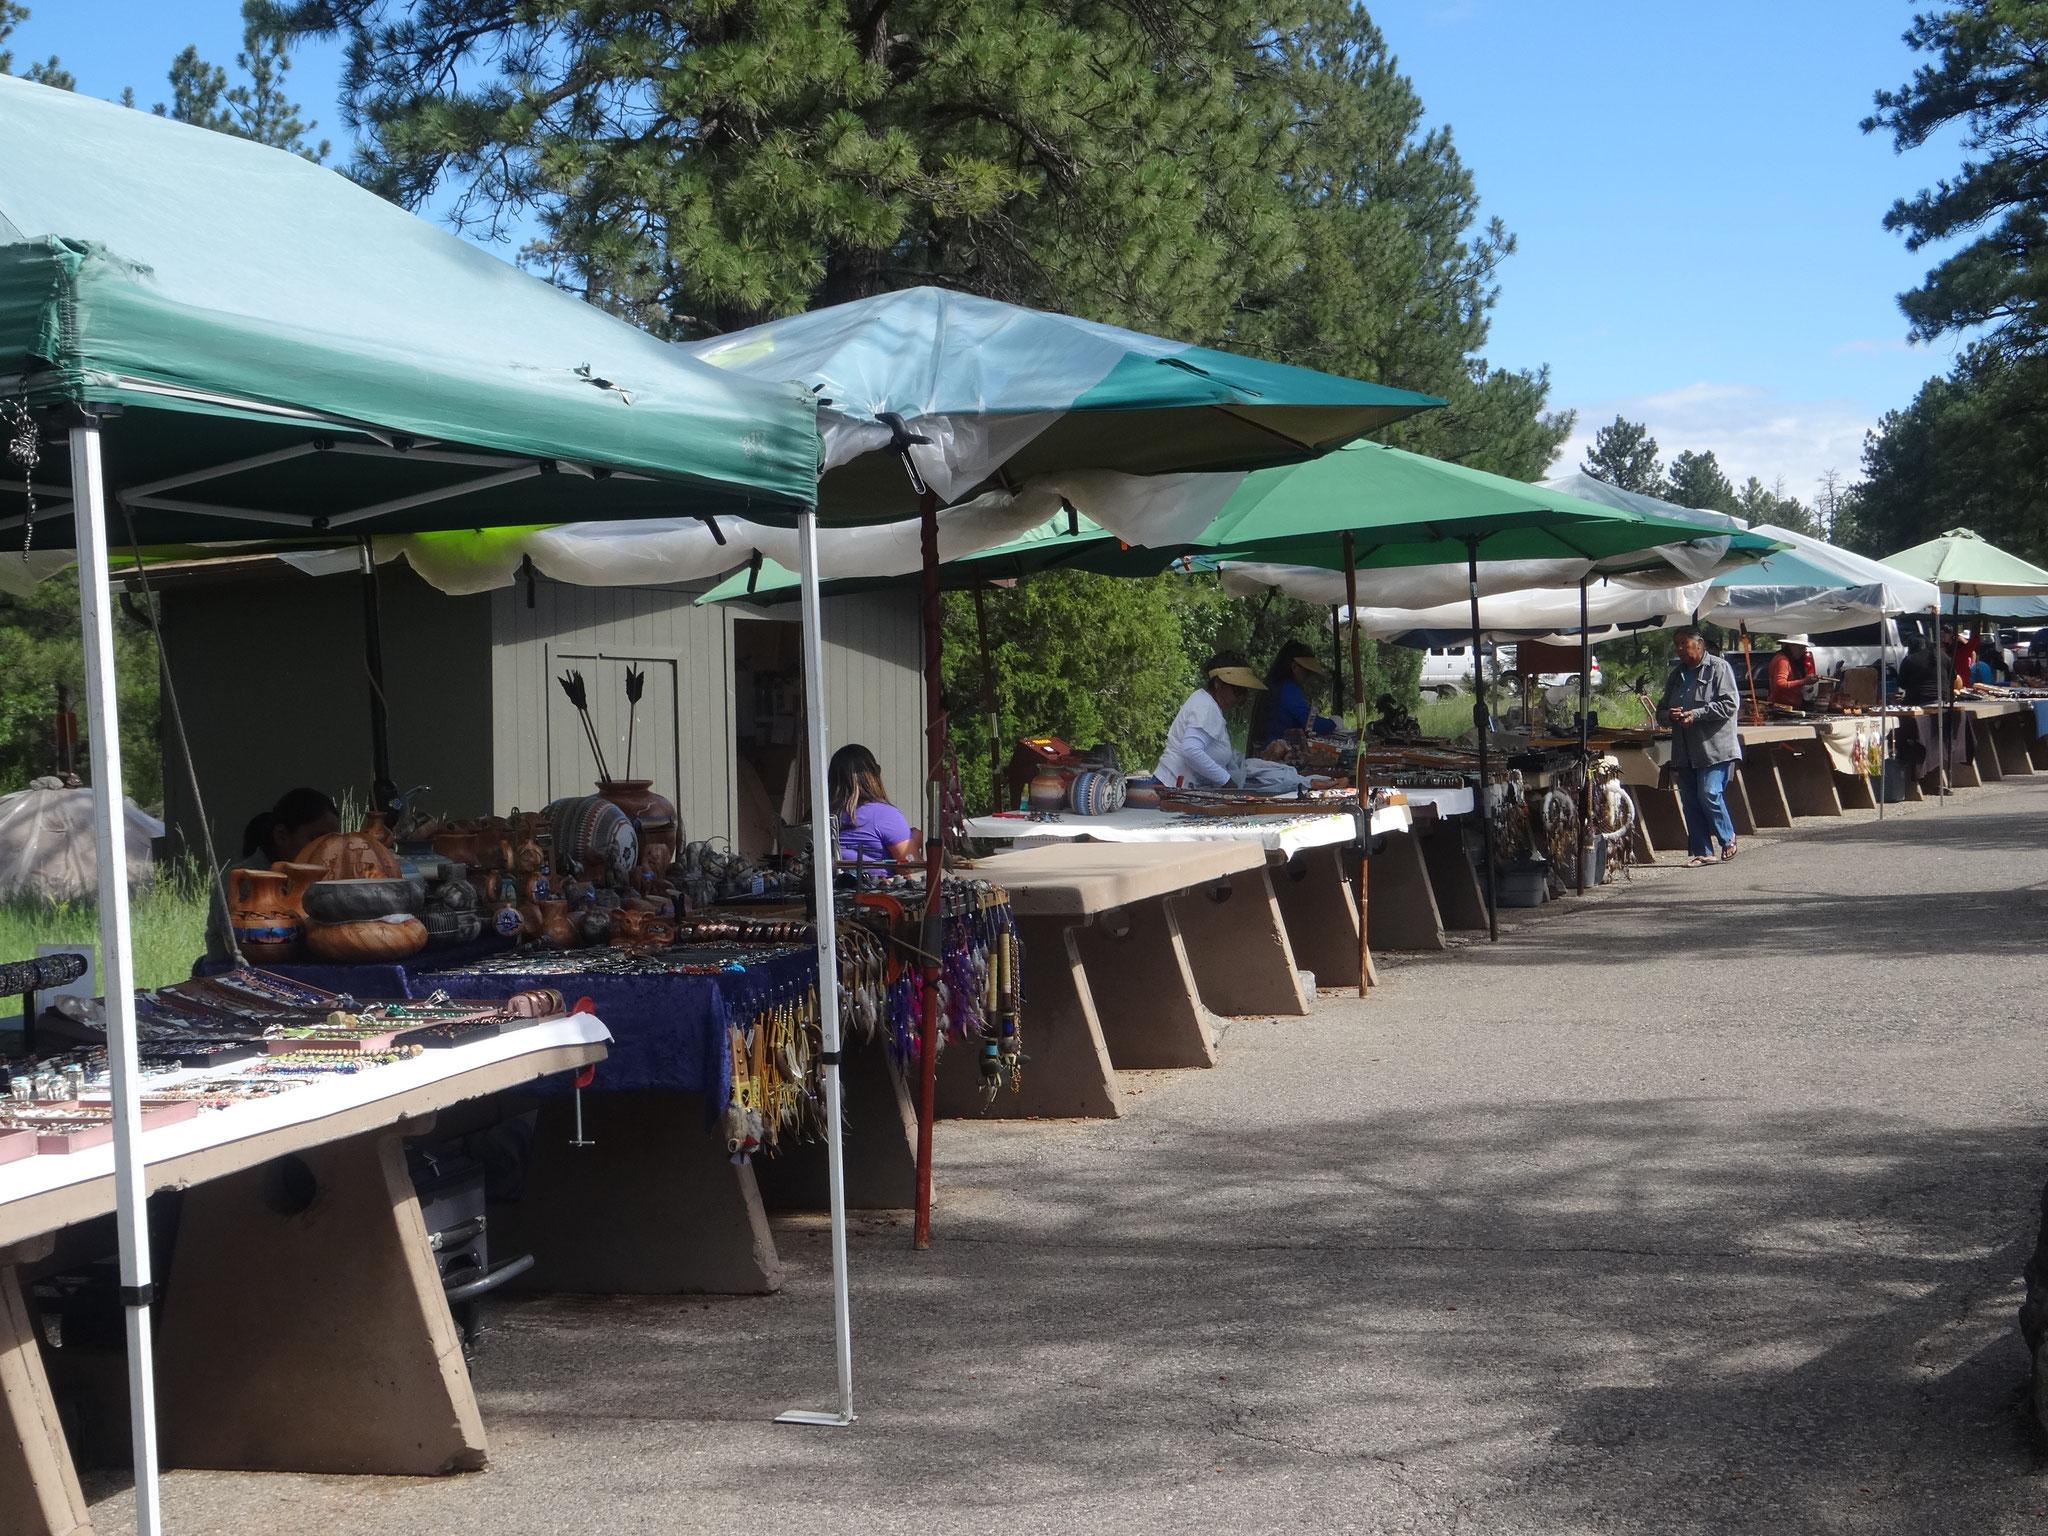 ネイティブアメリカンの工芸品が並ぶ露店